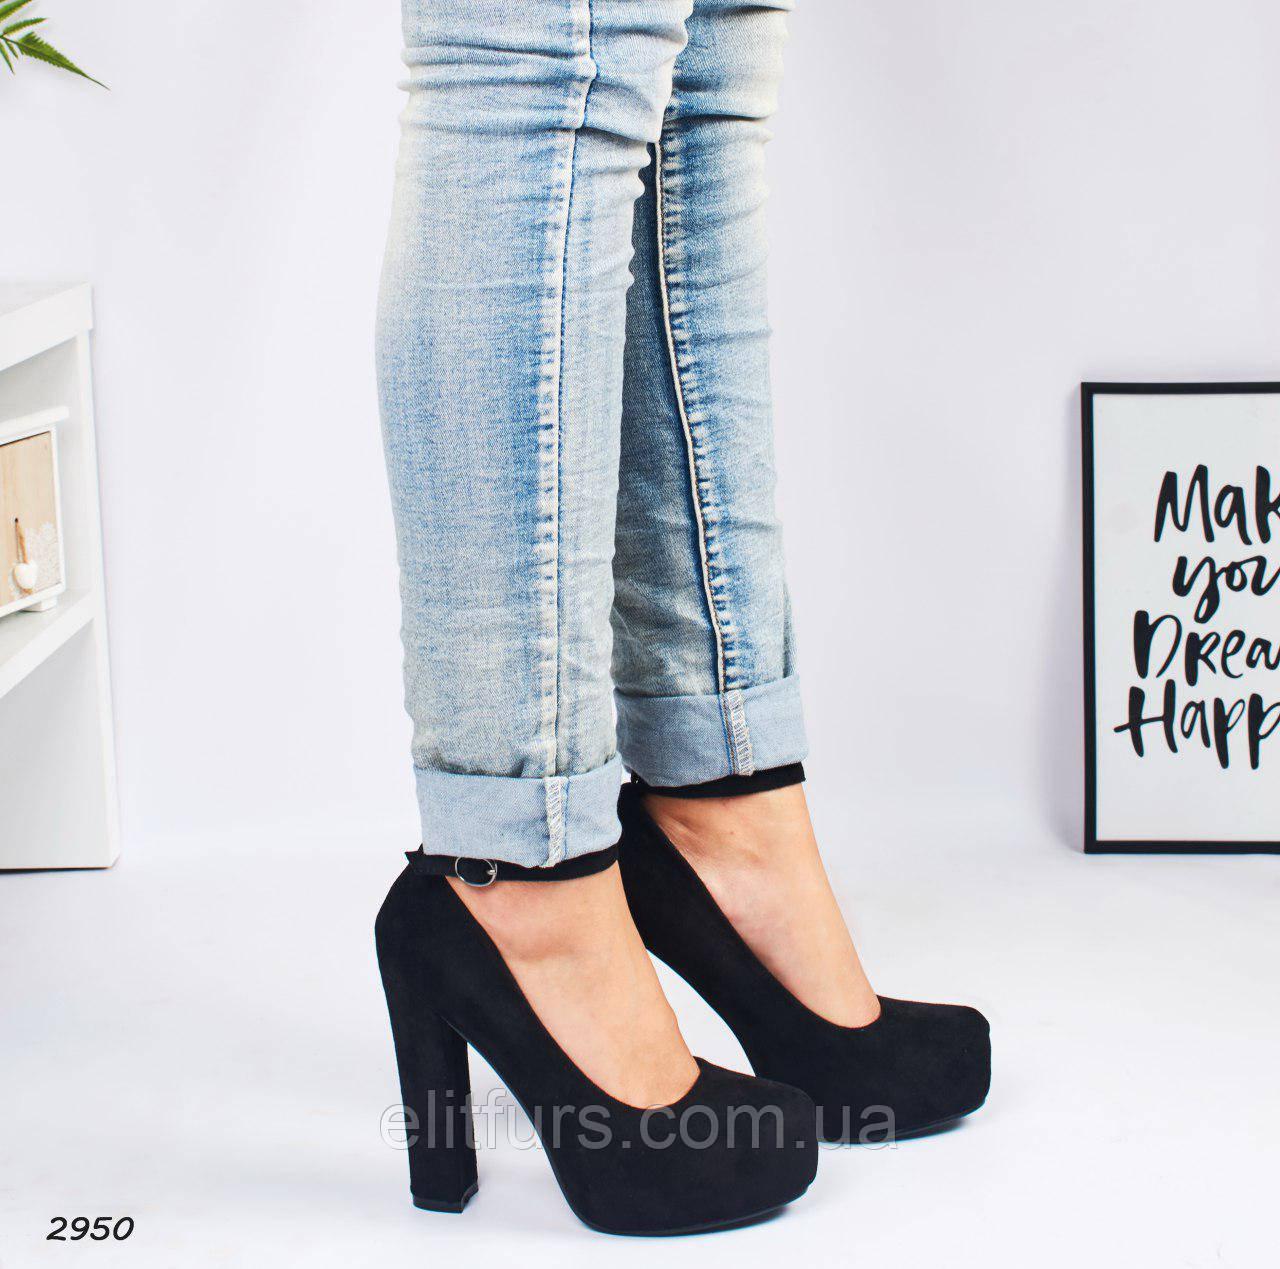 Туфли шикарные на высоких каблуках, эко-замш